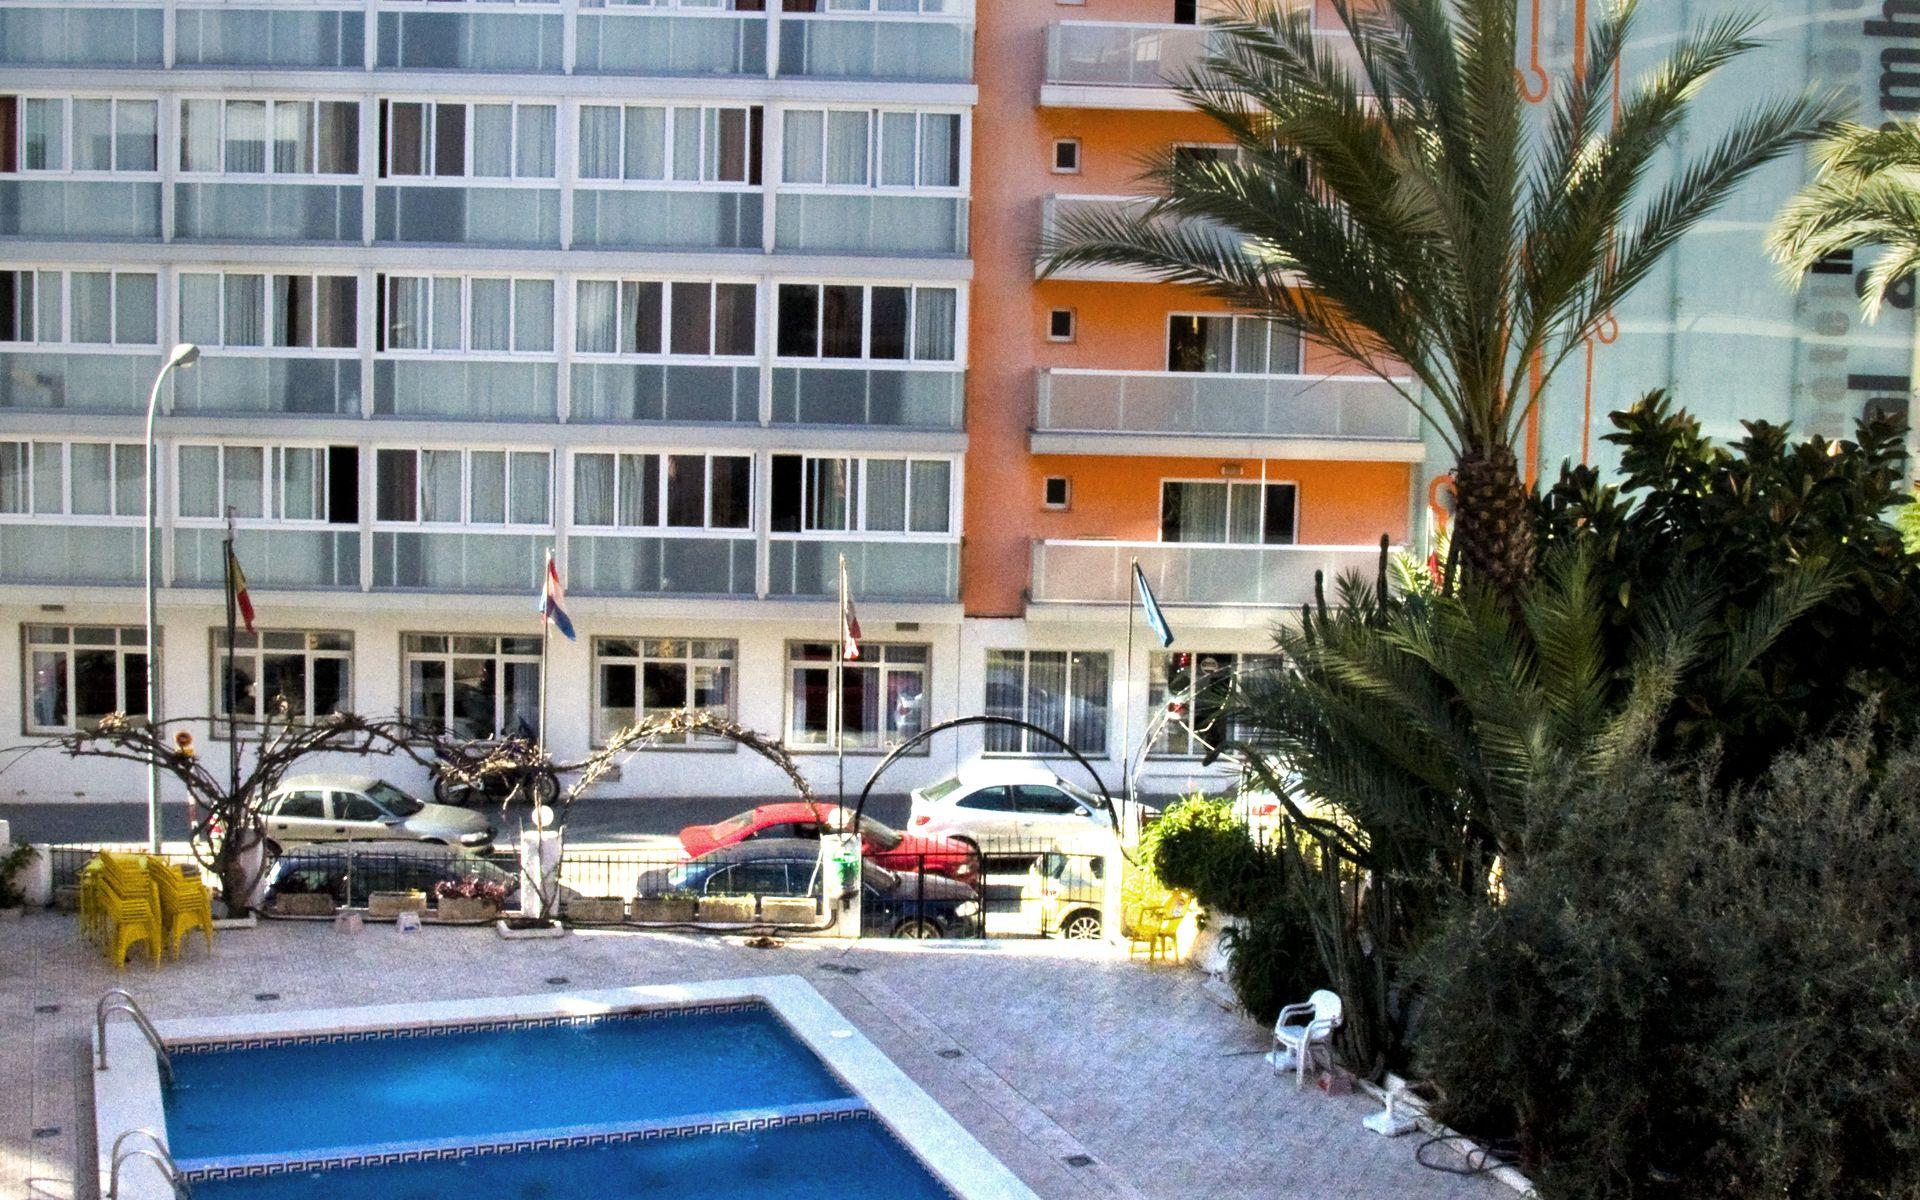 Hotel mh antea benidorm en benidorm costa blanca desde 24 for Piscinas benidorm